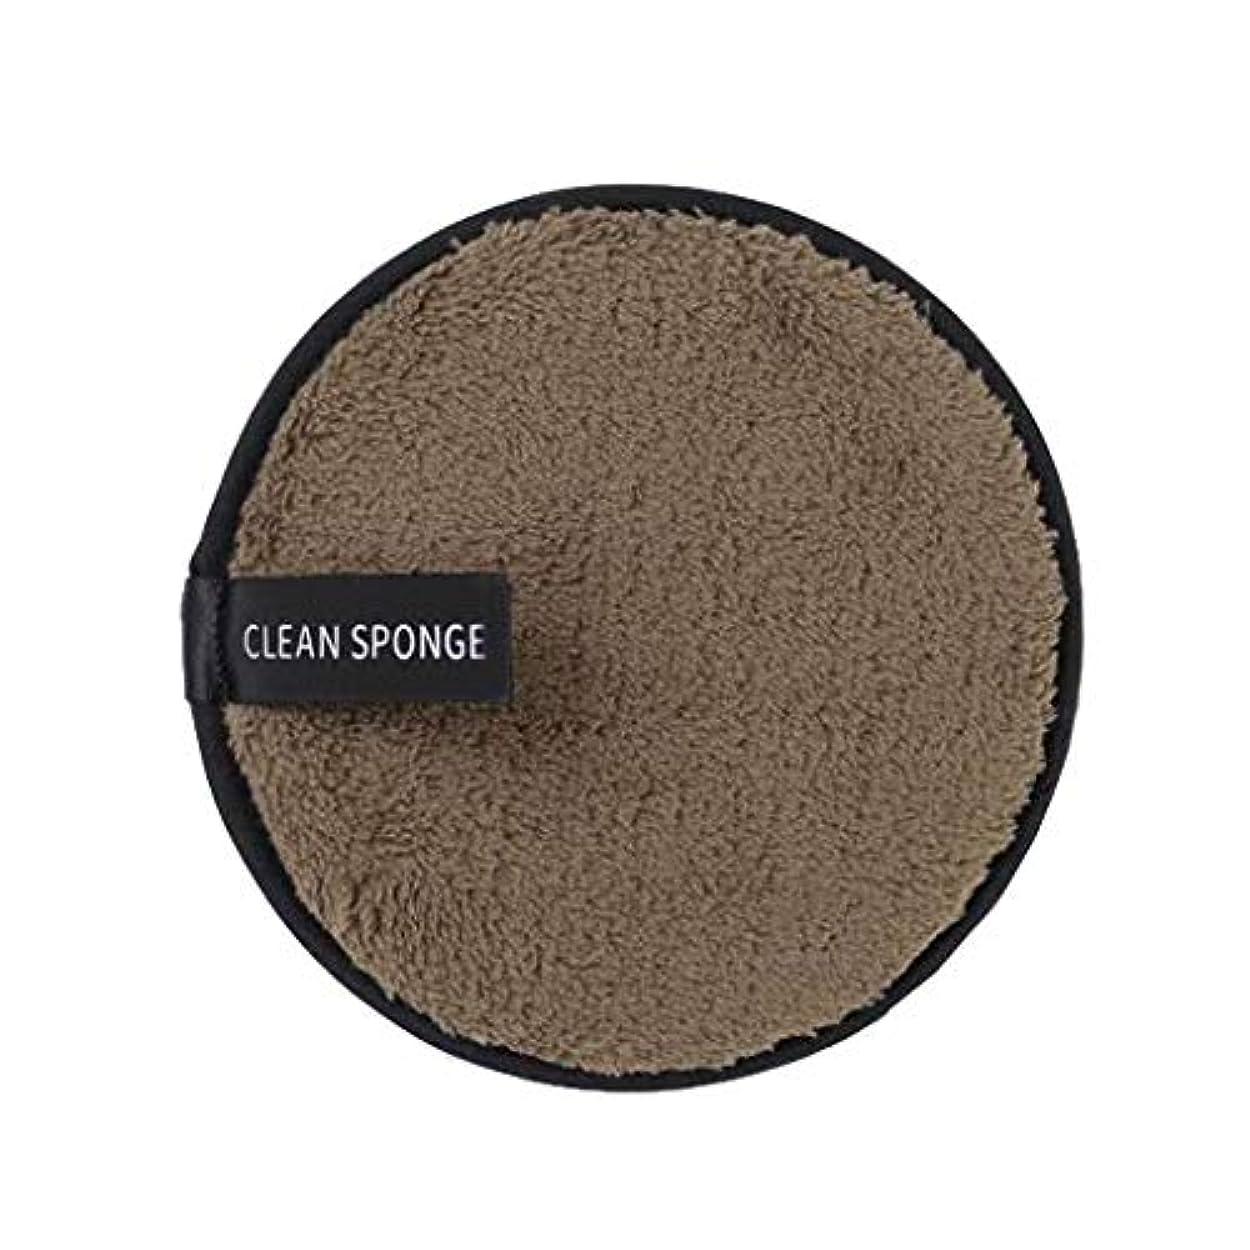 他の場所どこにも小説家Dadela Clean Spongeマイクロファイバーク ロスパッド クリアウォーターレイジー メイクアップ メイク落としパウダー リムーバー クレンジングパフ スキンケア 両面 極細 再利用可能 快適 洗顔 (B)